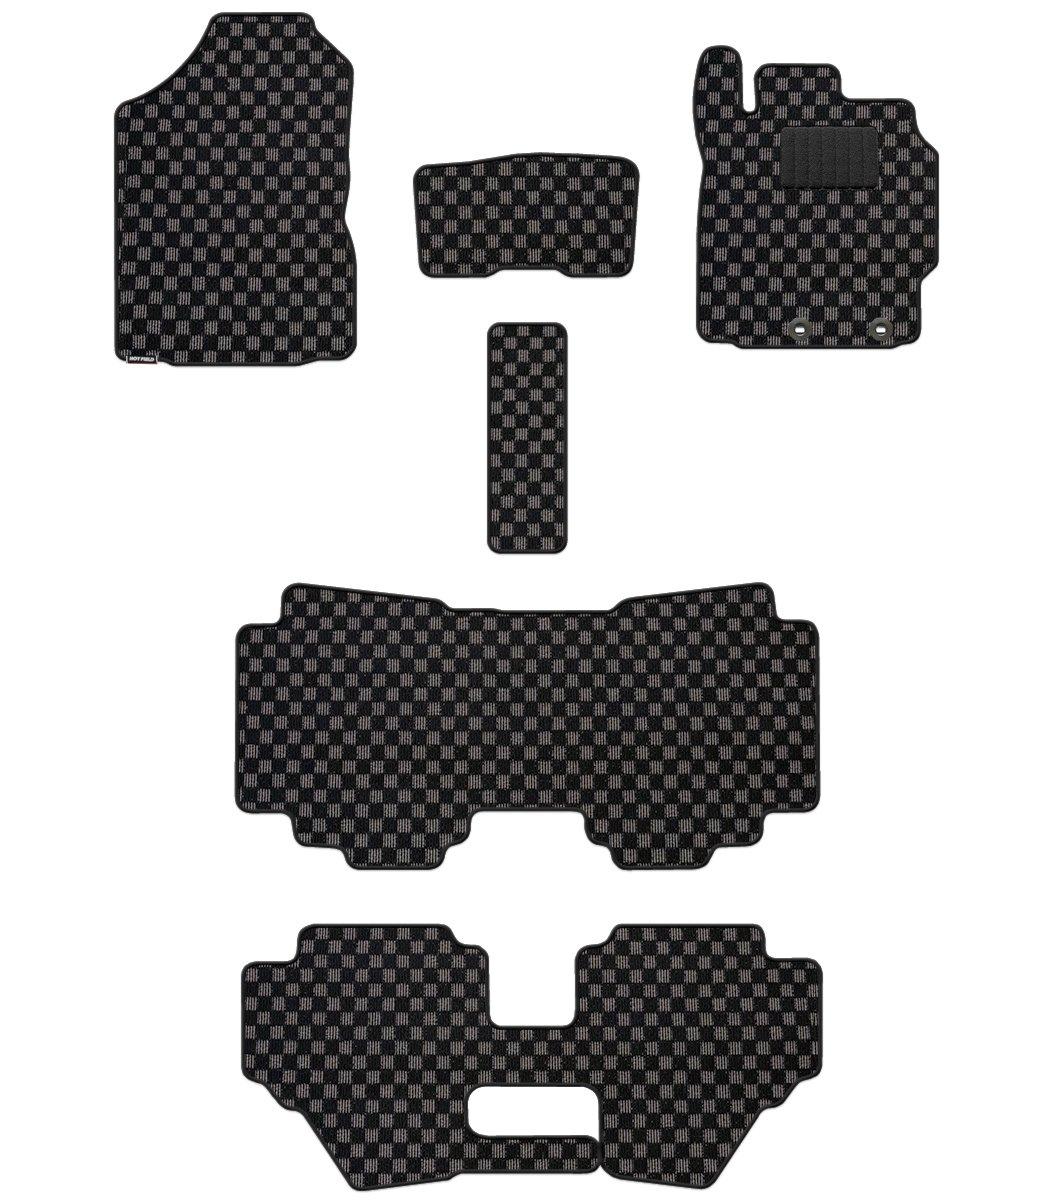 Hotfield トヨタ シエンタ フロアマット 新型 170G 175G ハイブリッド車/【標準仕様】 チェックブラック B012UOL6RO ハイブリッド車/【標準仕様】|チェックブラック チェックブラック ハイブリッド車/【標準仕様】